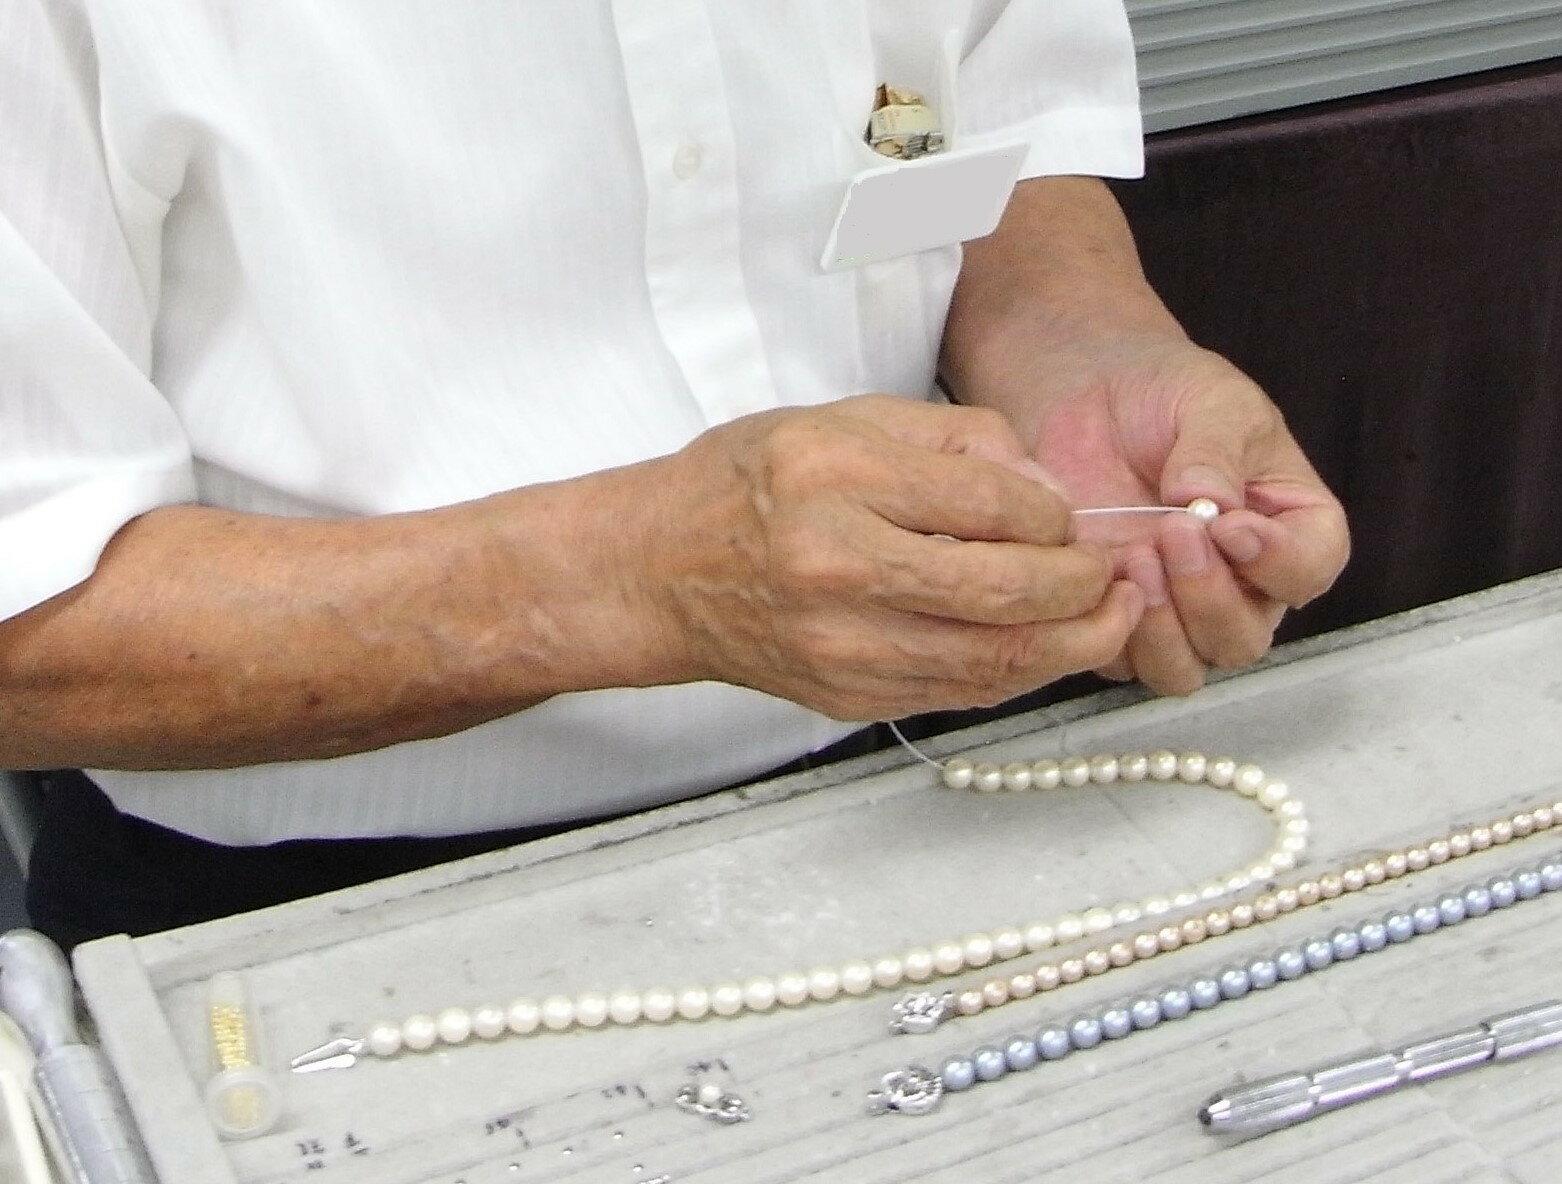 【最短即日発送】水晶ネックレス糸替え<二連ネックレス修理>黄水晶、紫水晶、スモーキークオーツ等パール(真珠)・水晶・琥珀・その他の糸替えも承ります!